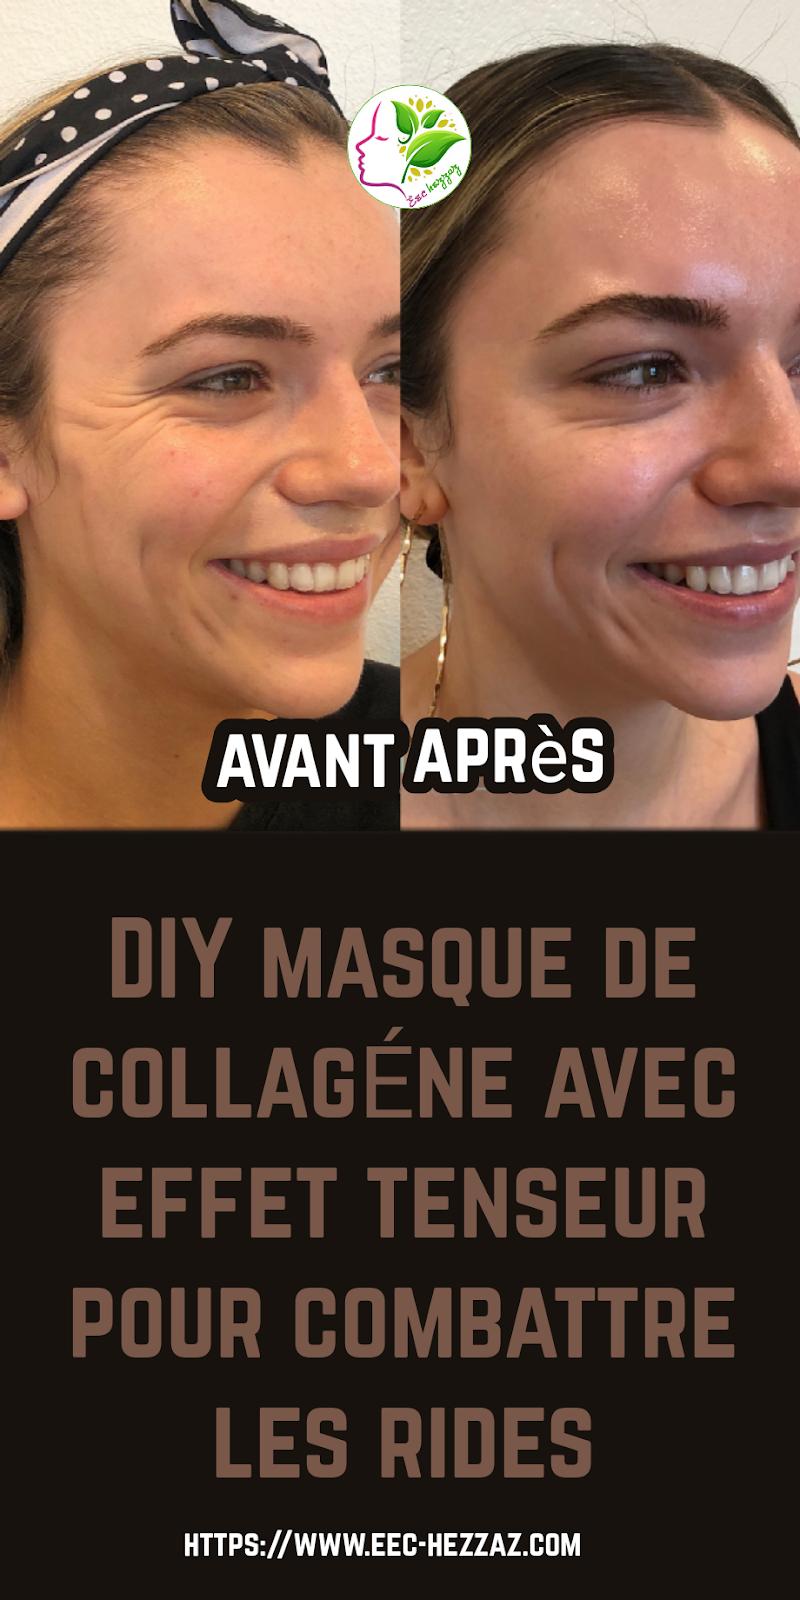 DIY masque de collagène avec effet tenseur pour combattre les rides